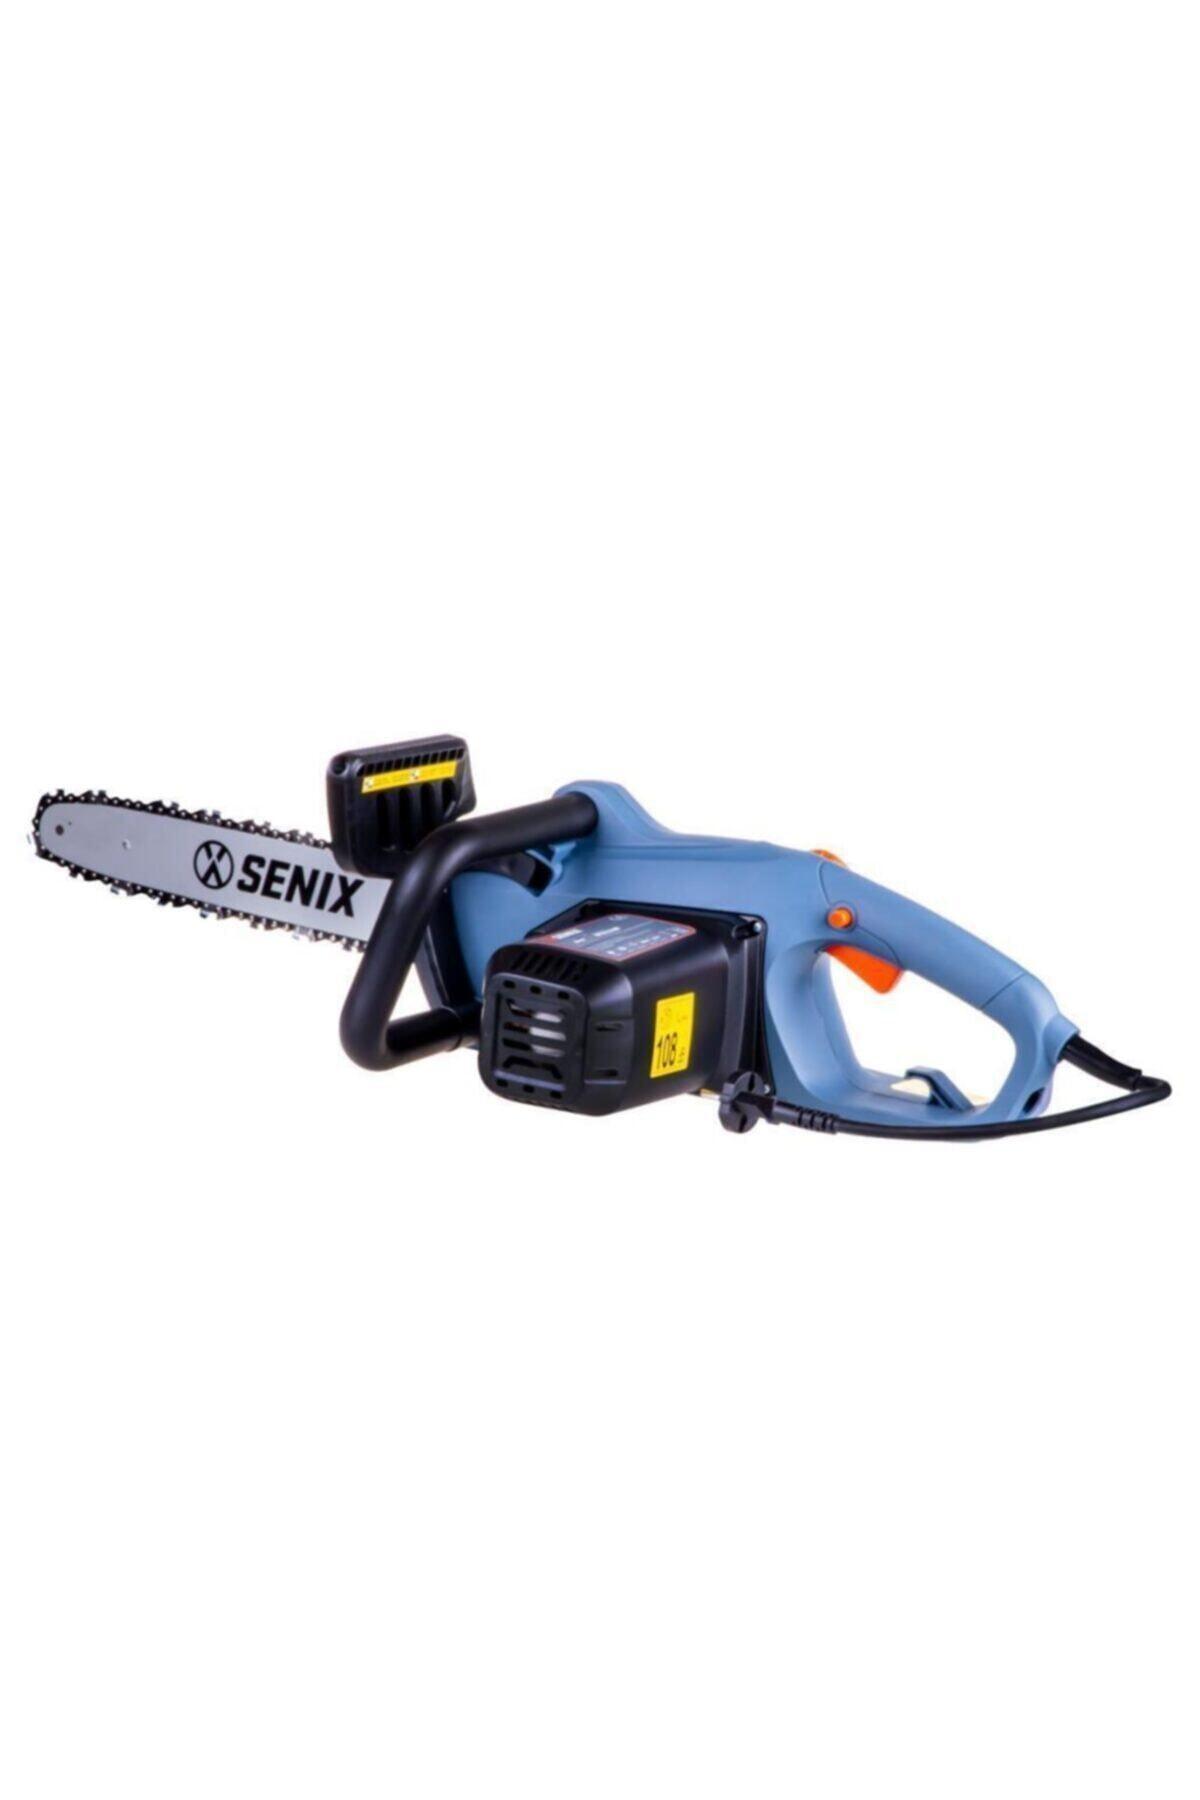 SENIX / Cse22-m1-eu Elektrikli Testere 2000w 2